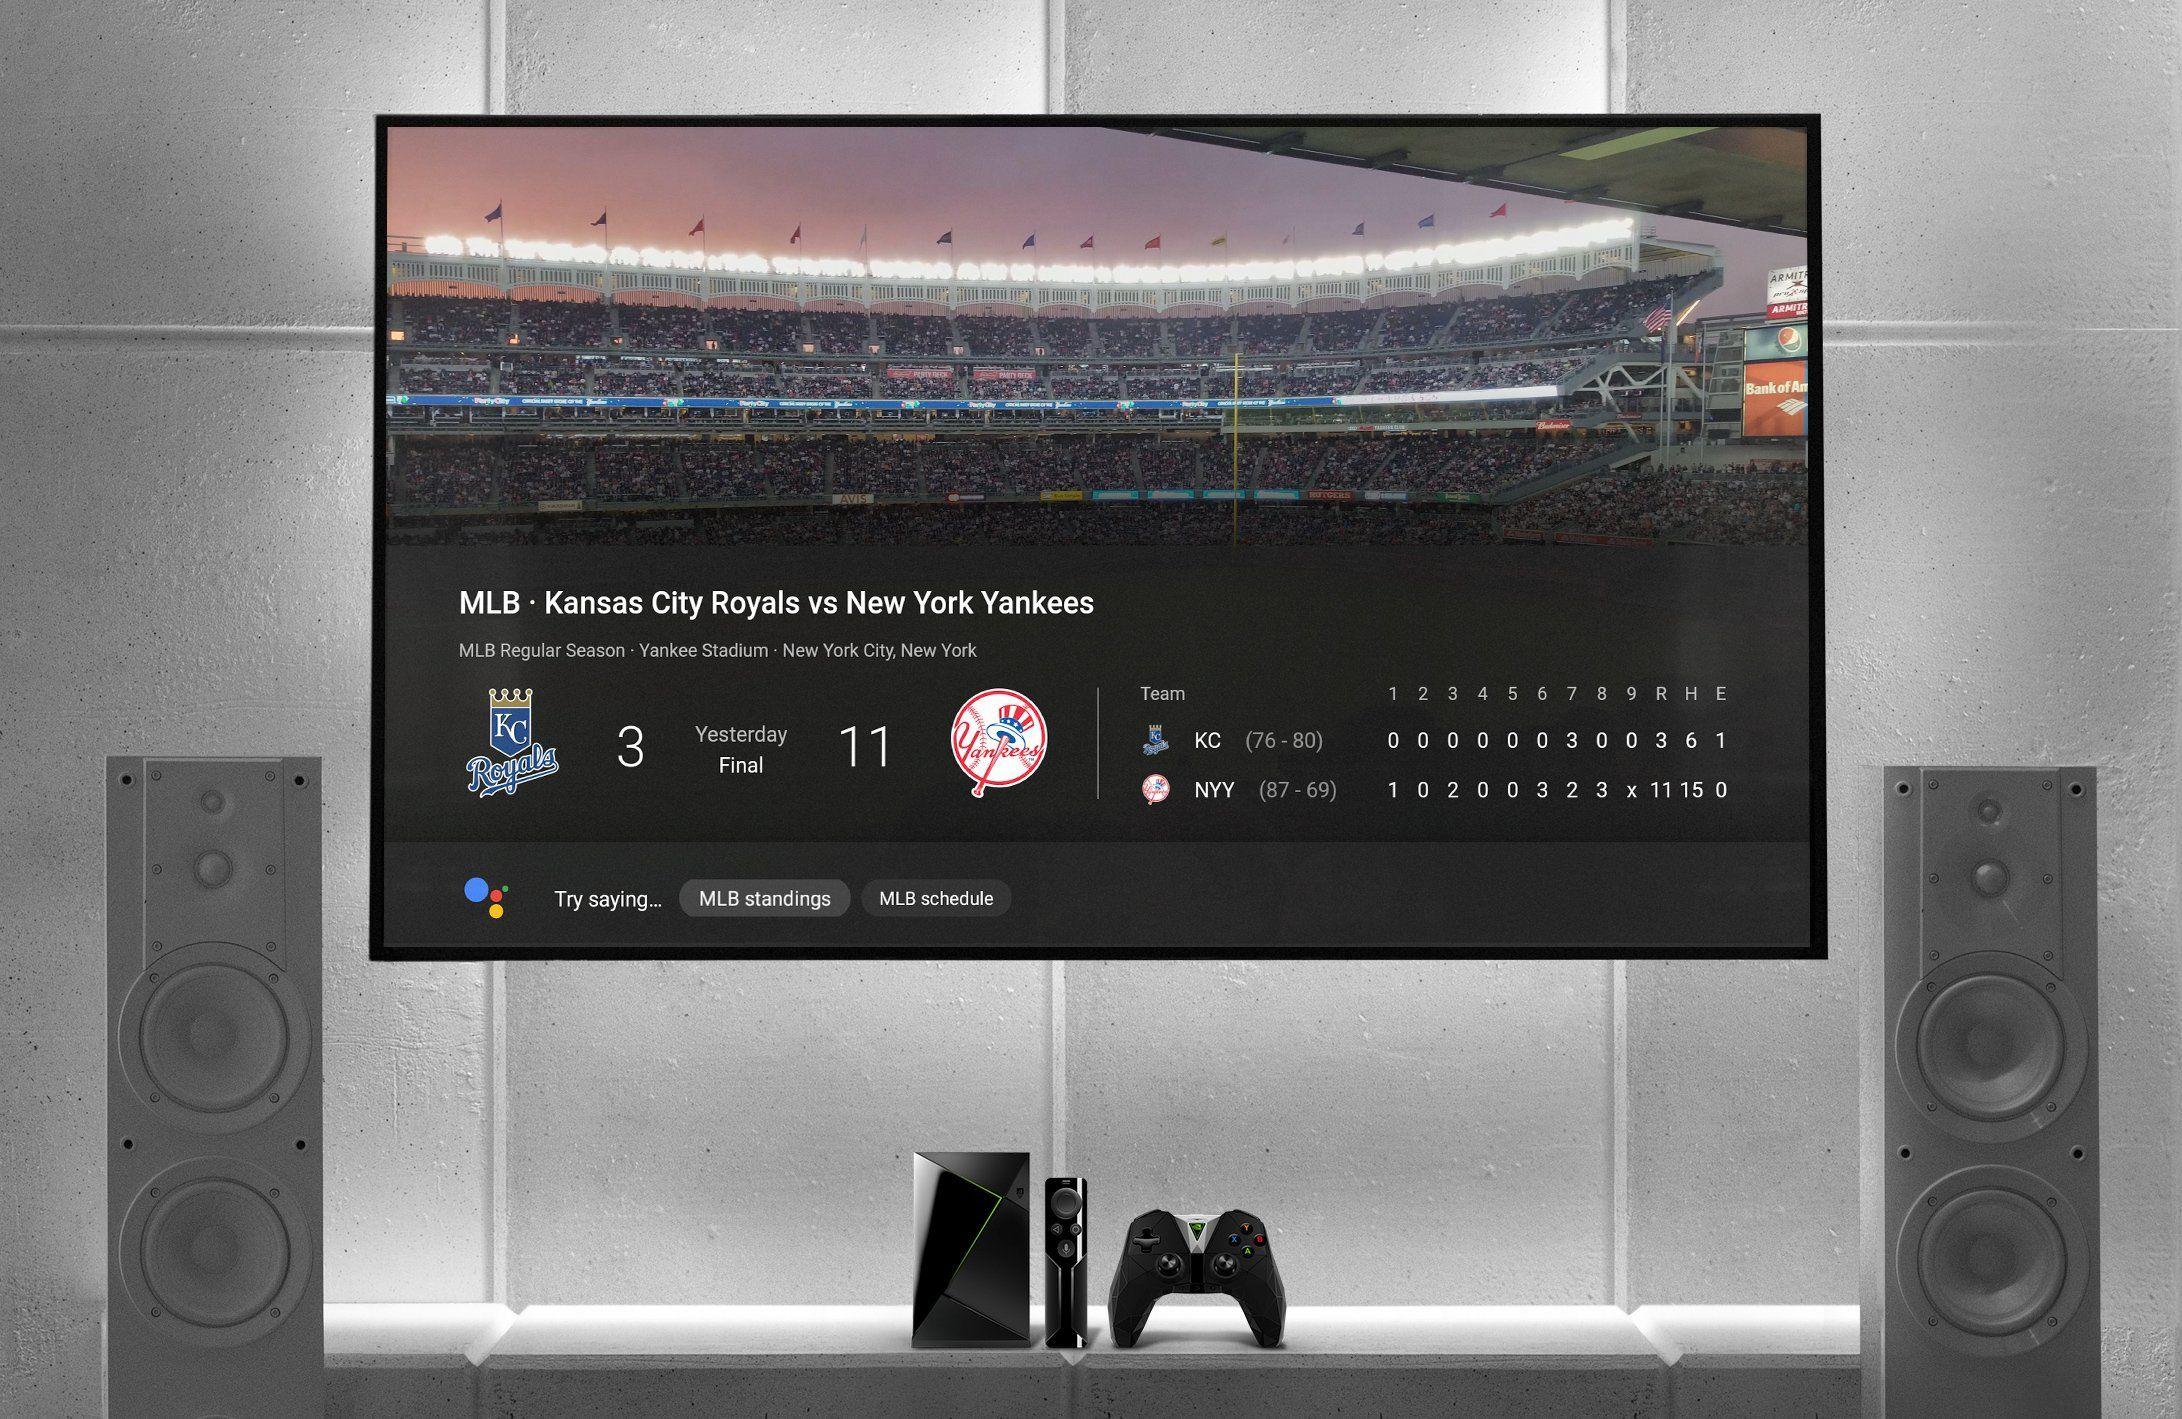 NVIDIA SHIELD TV Gaming Edition 4K HDR Streaming Media